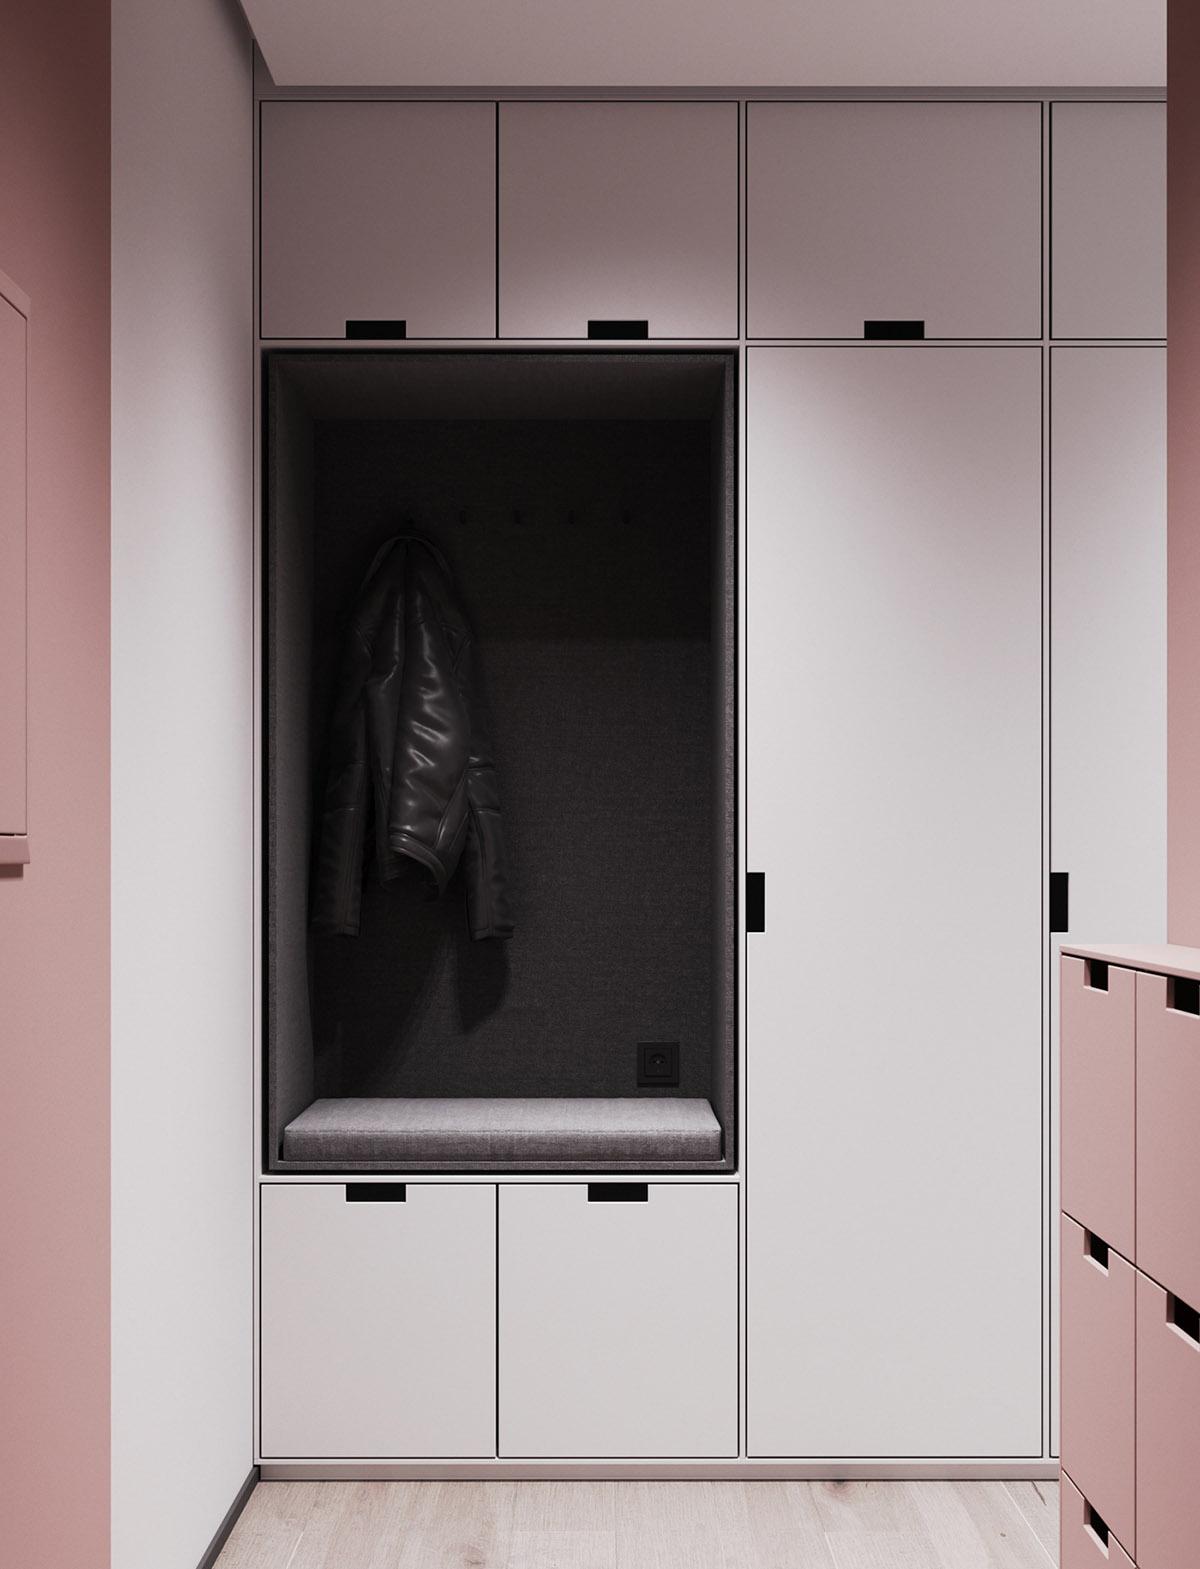 Một số thiết kế nội thất sử dụng màu hồng và xám - Hall bench